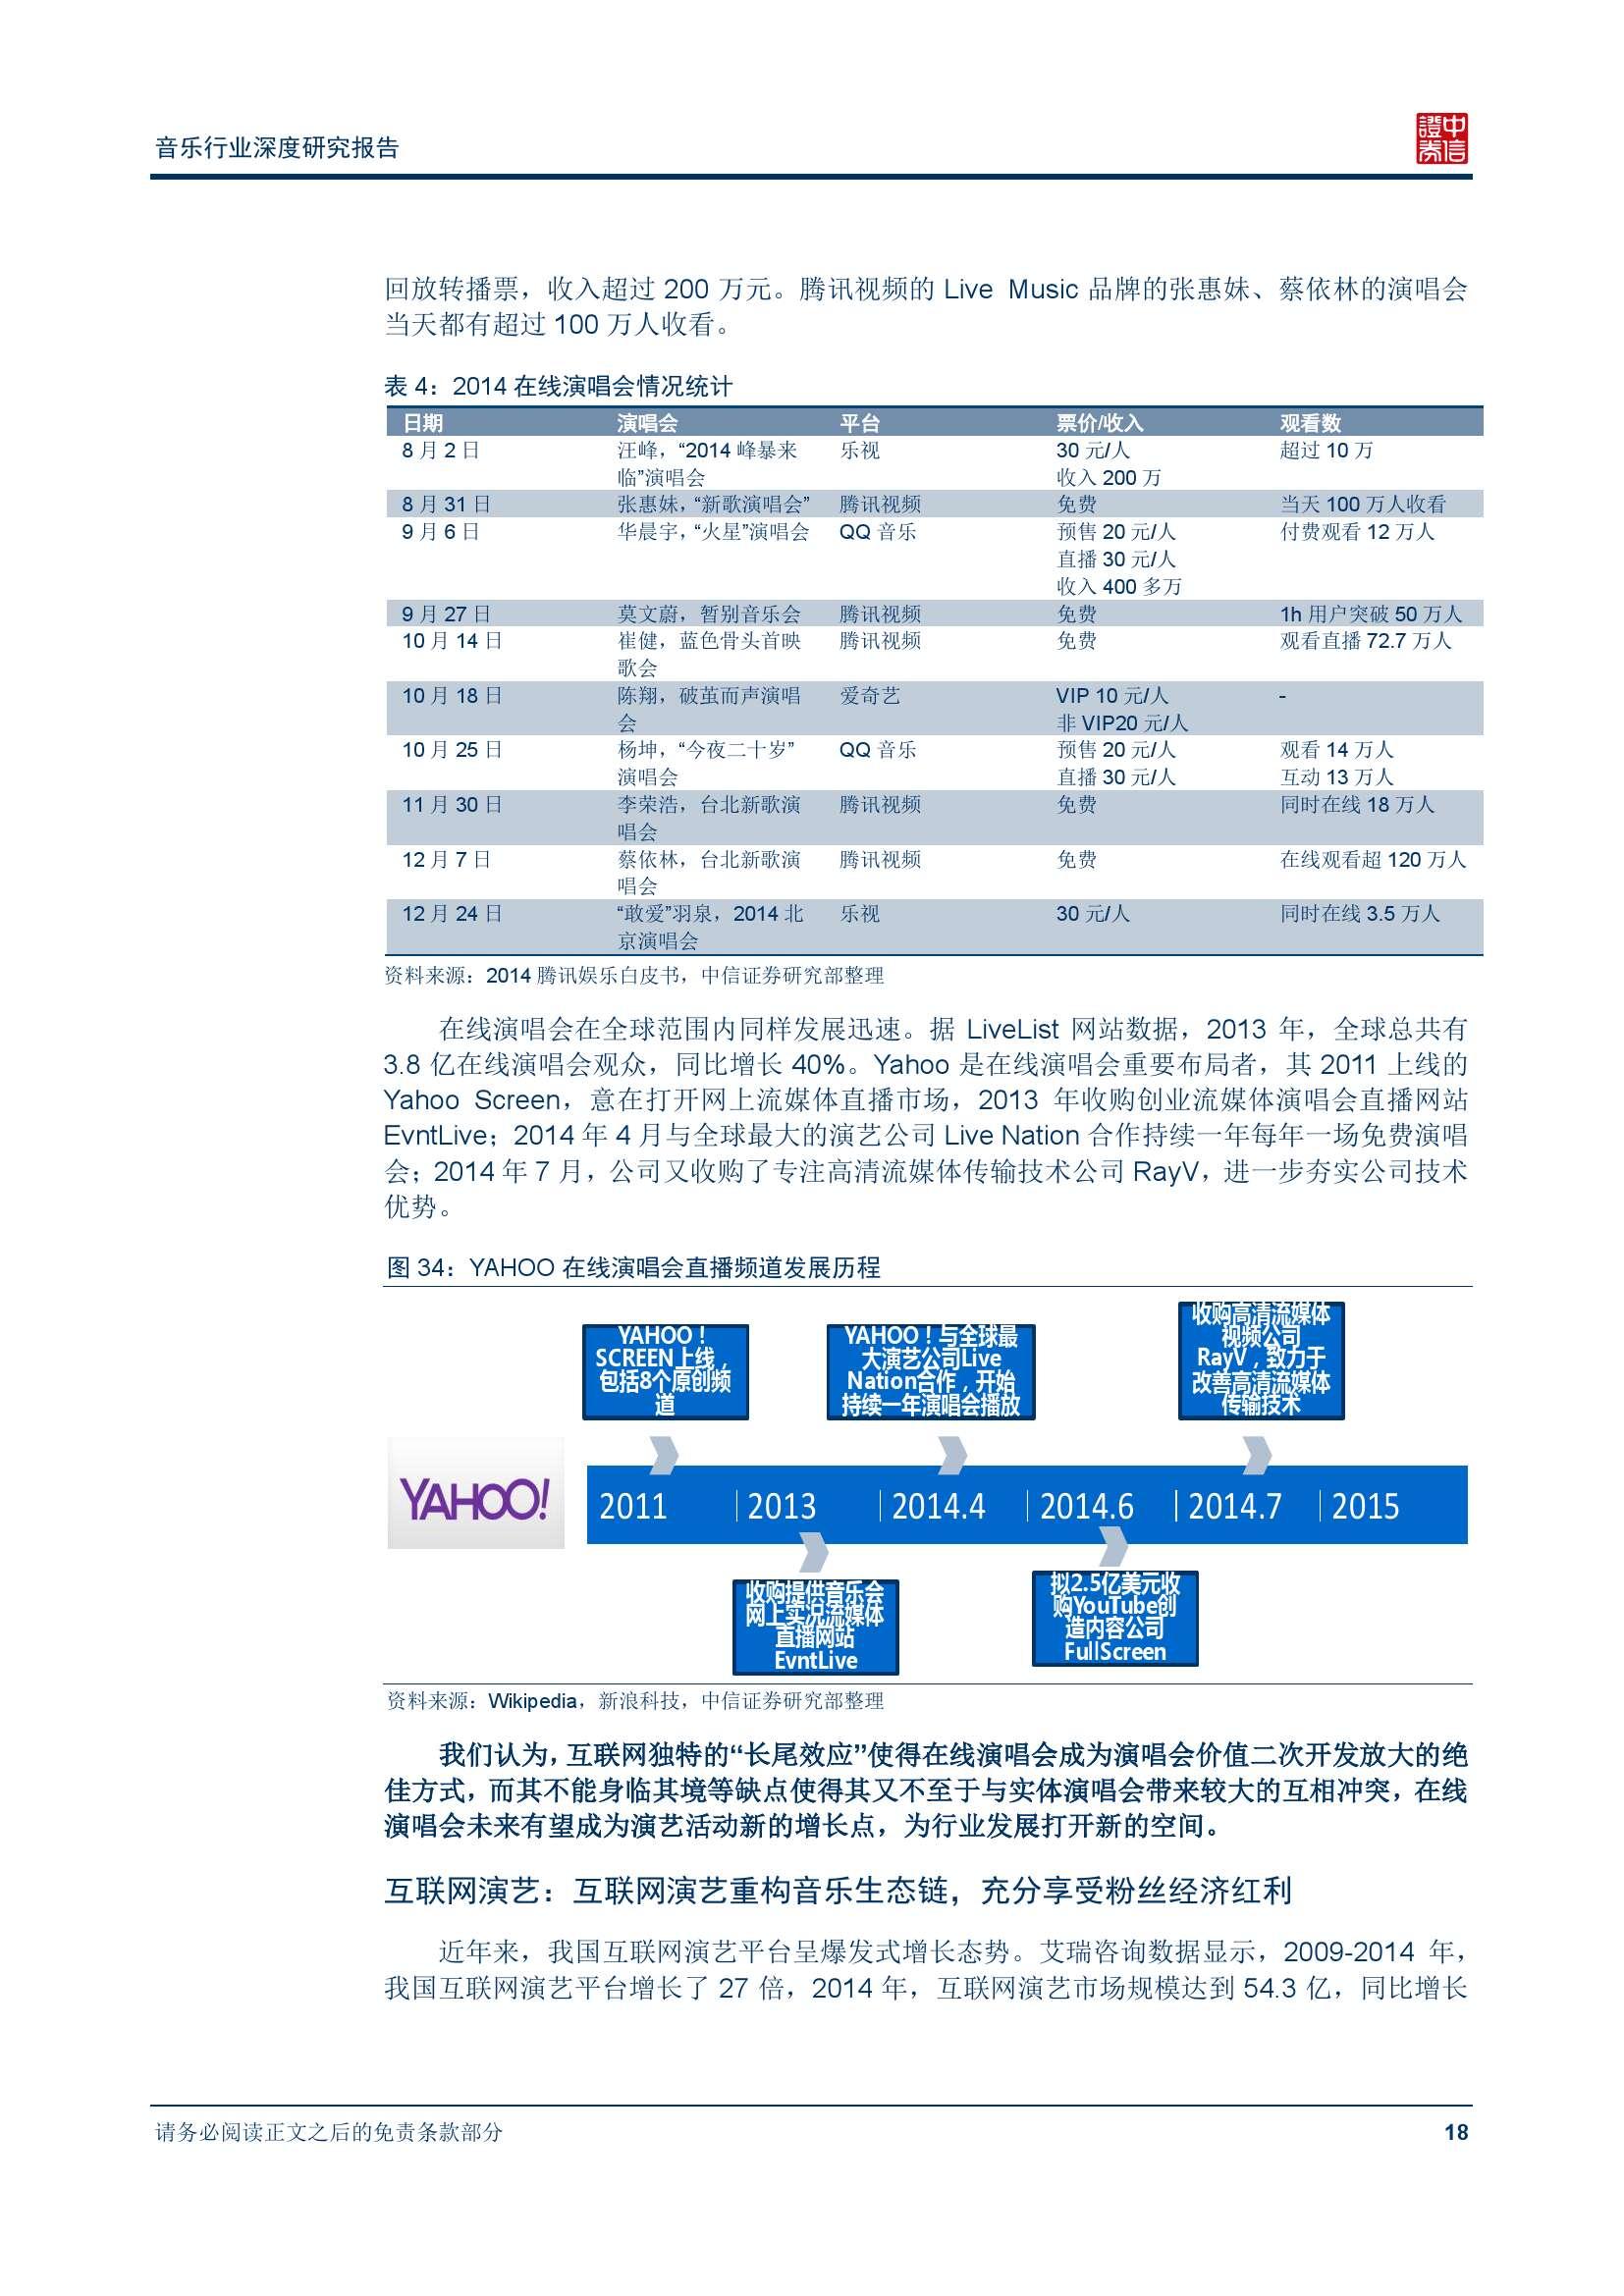 中信证券音乐行业深度研究报告_000023